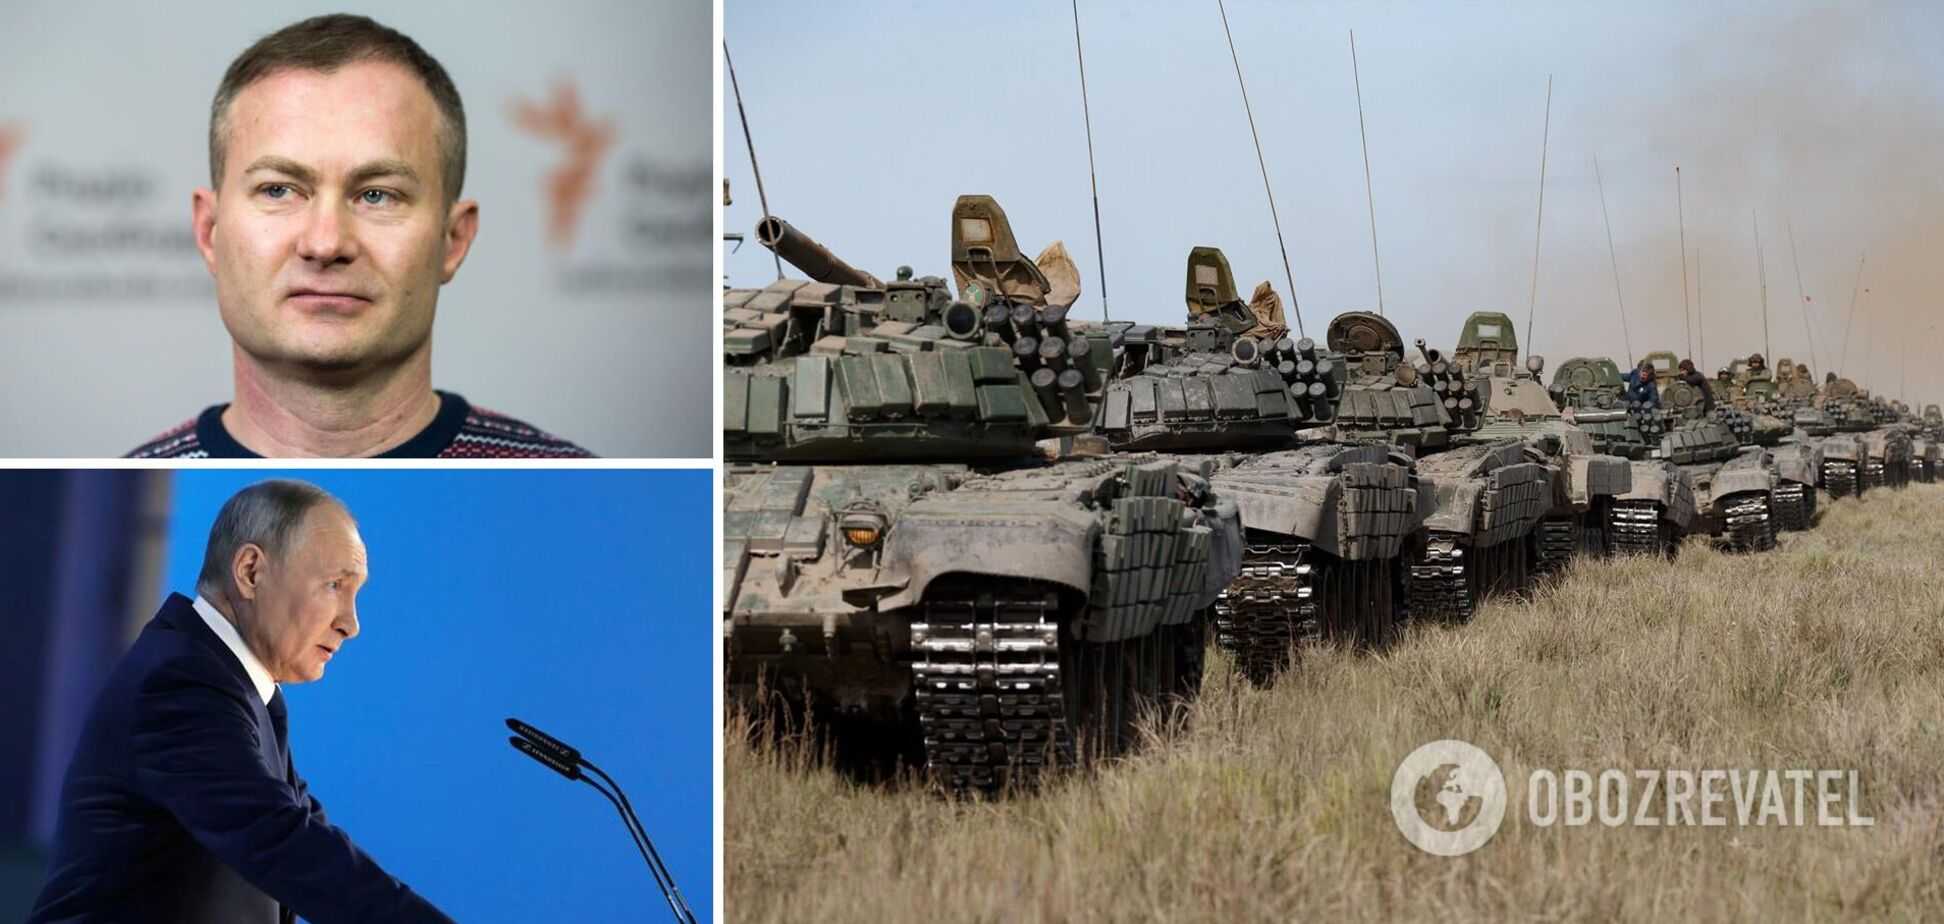 Гармаш: в Кремле боятся наступления ВСУ, Путин сдулся и вынужден отводить войска